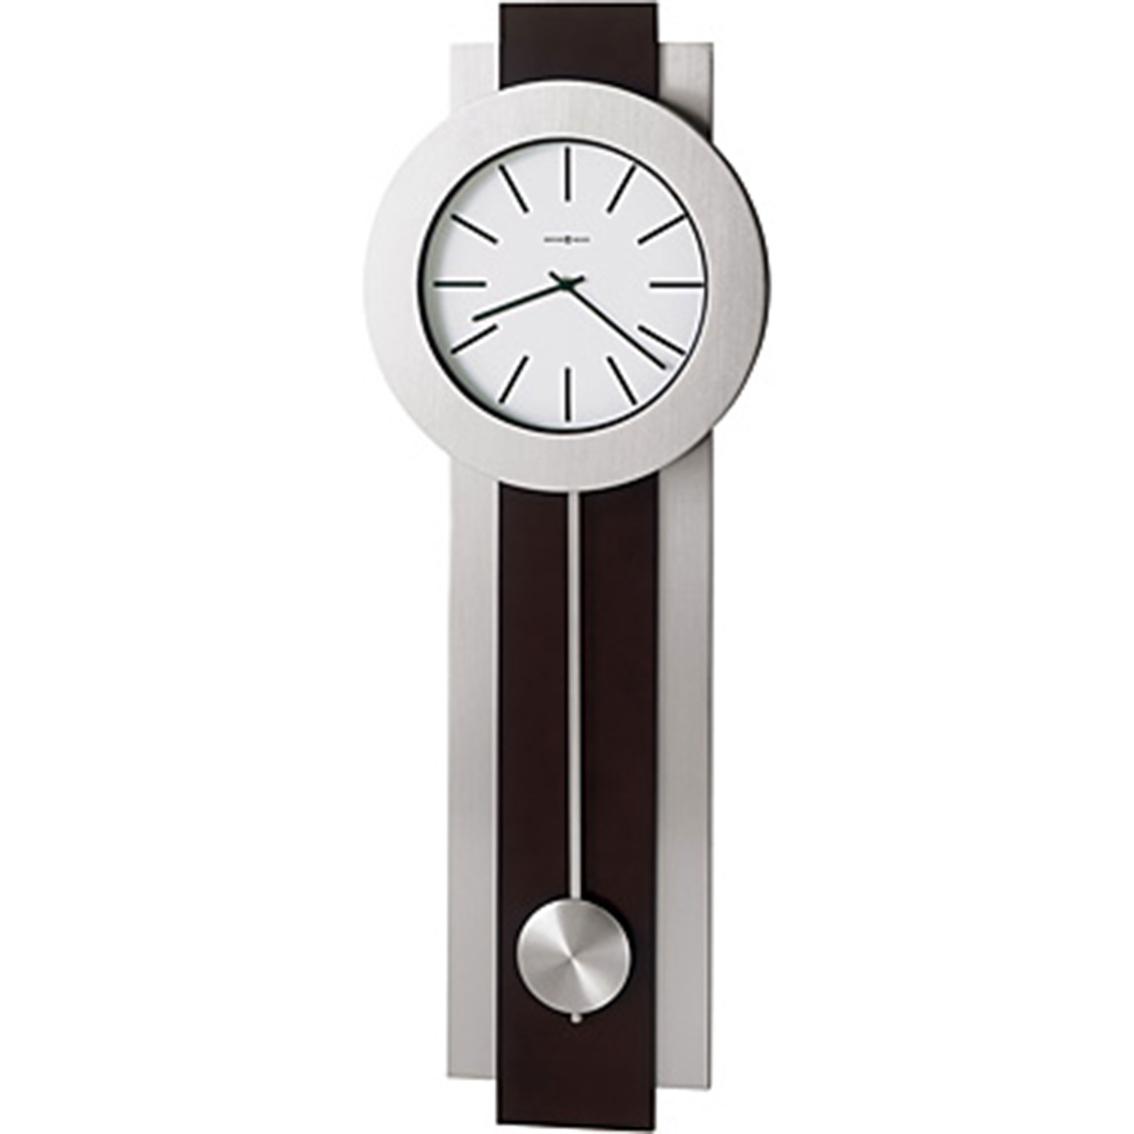 Howard Miller Bergen Wall Clock Clocks Home Appliances Shop